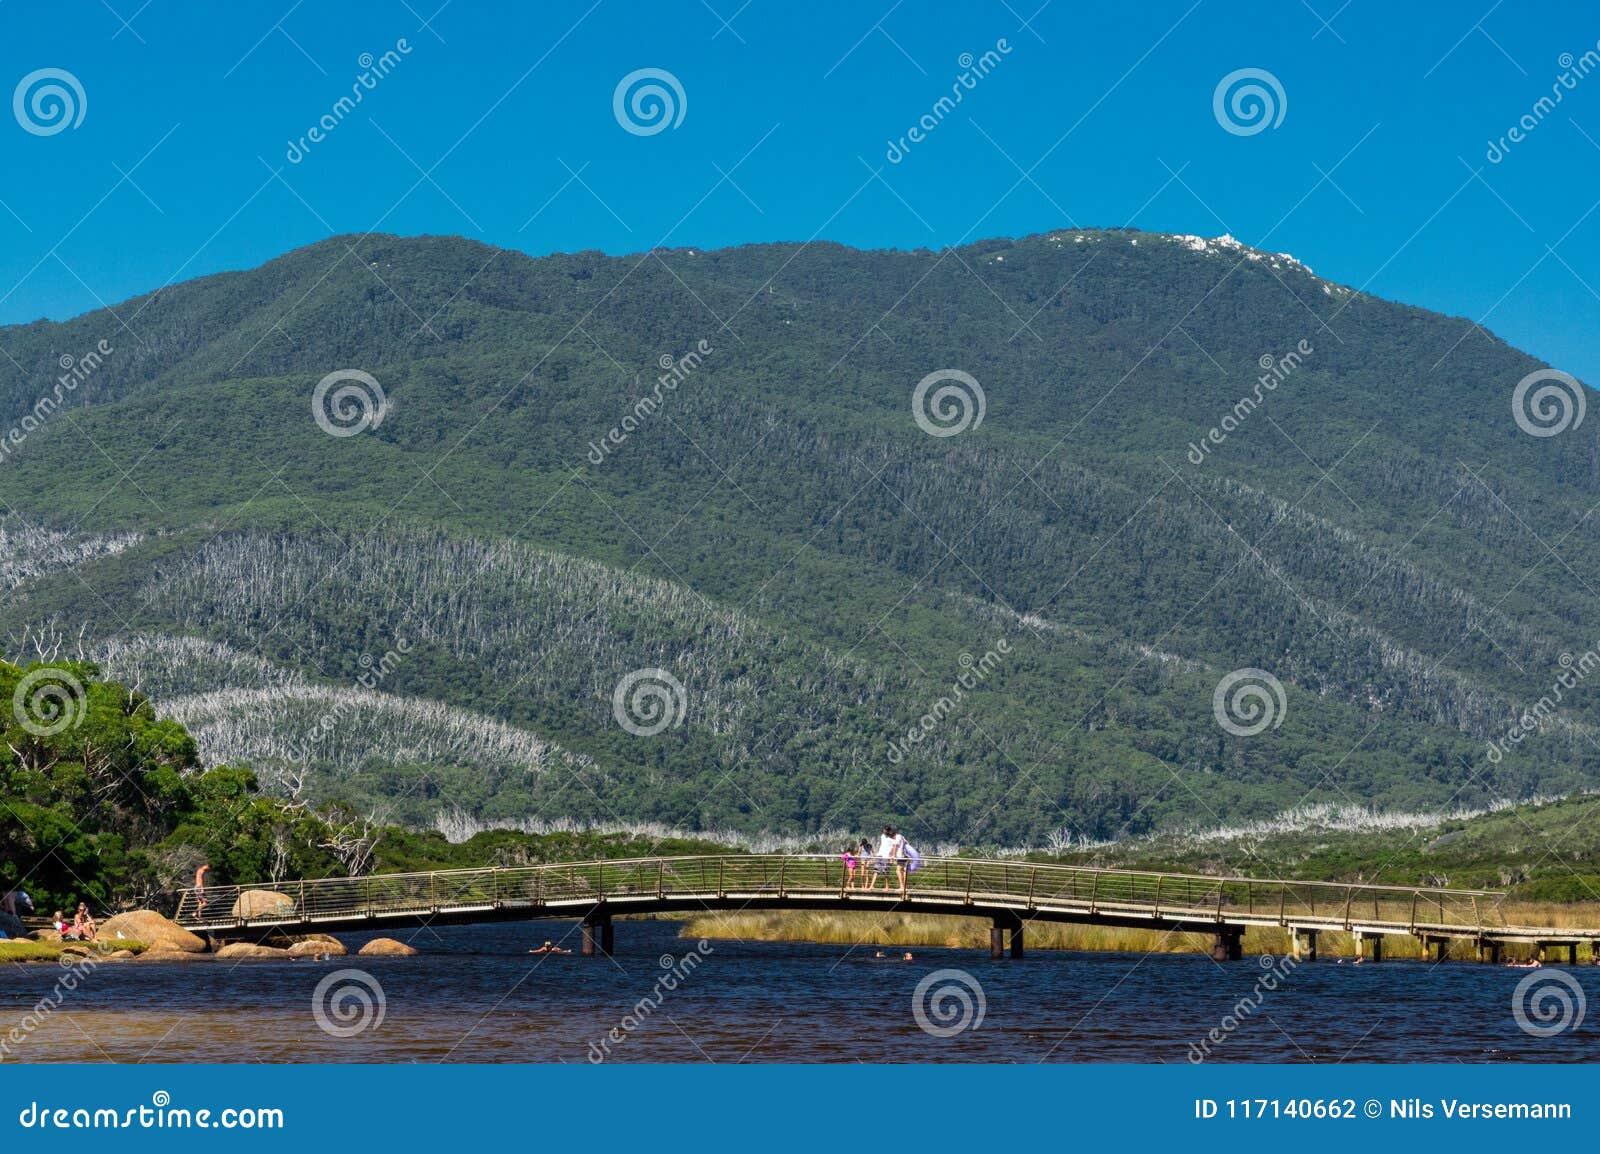 Παλιρροιακός ποταμός στη Βόρεια πλευρά του εθνικού πάρκου ακρωτηρίων Wilsons σε Gippsland, Αυστραλία